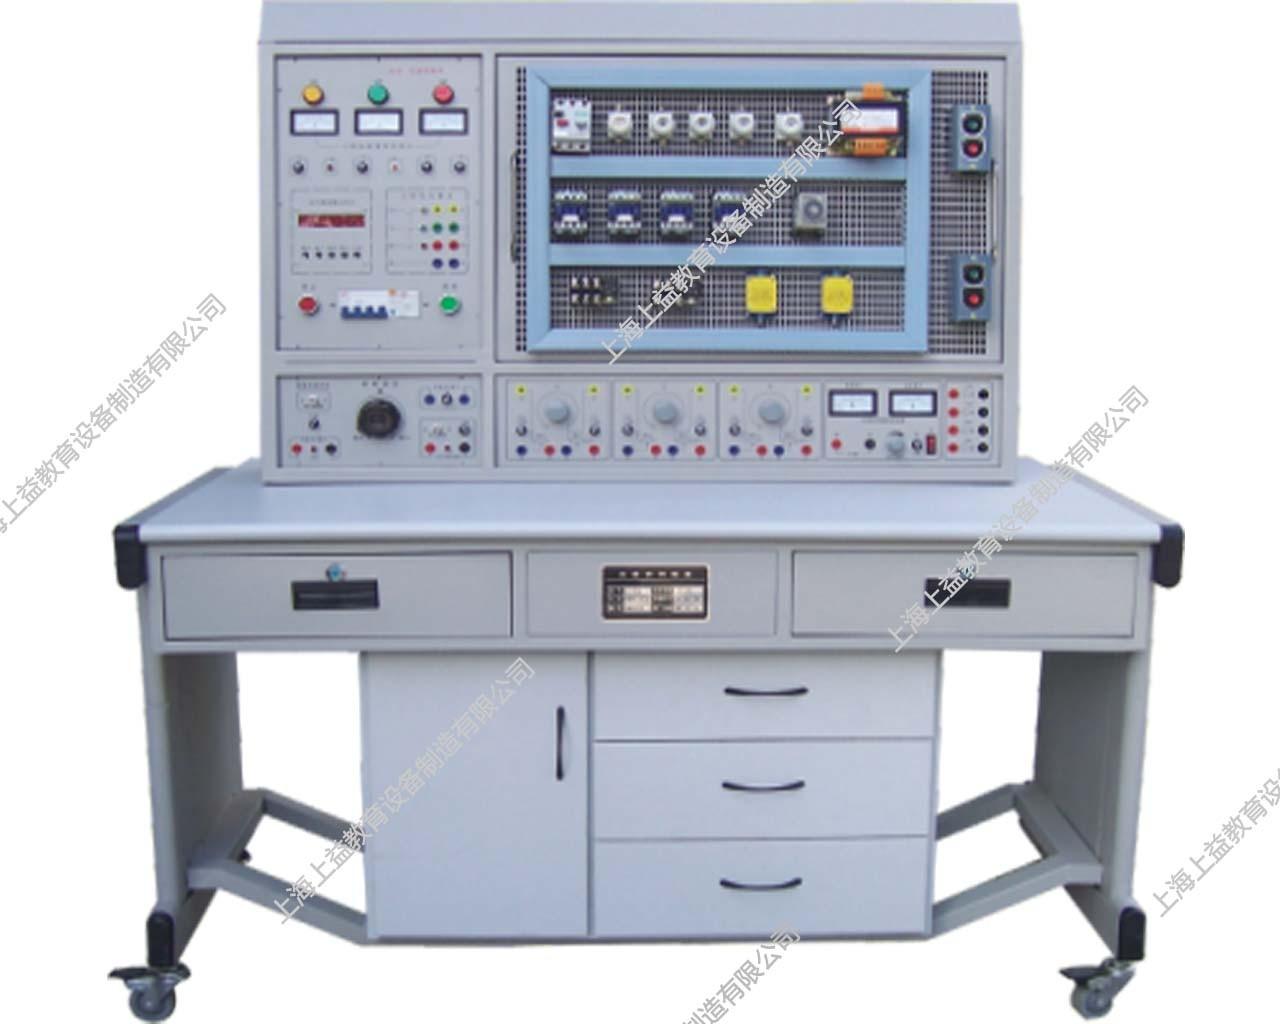 SYWKD-860C网孔型电力拖动(工厂电气控制)技能及工艺wwwlehu8viplehu68vip装置(含同步电机、直流电机)